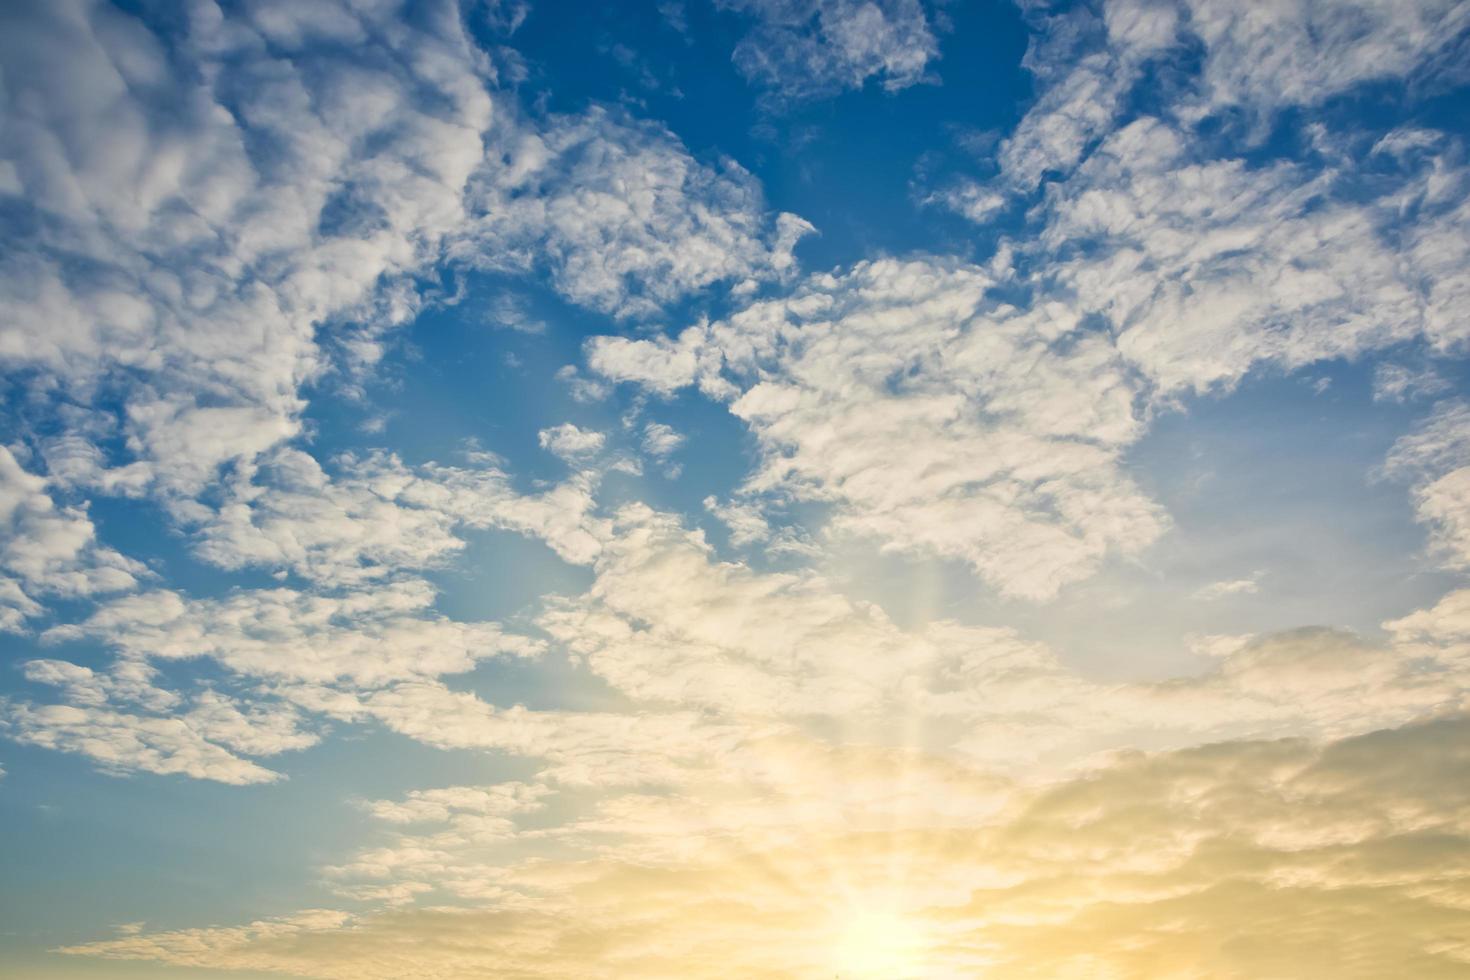 cielo y nubes al atardecer foto